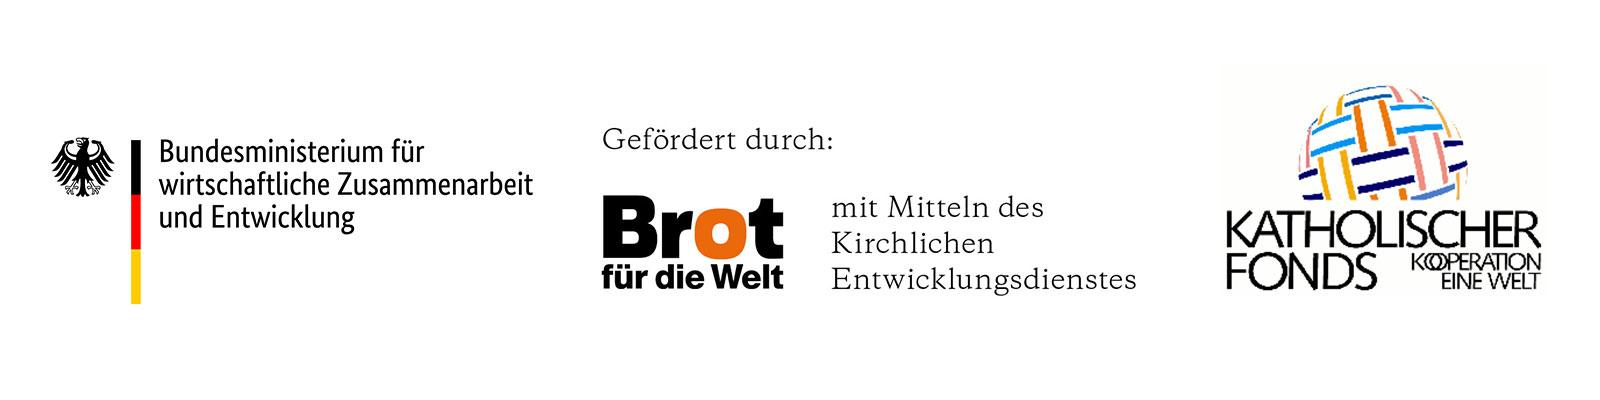 Logos_BMZ_Brot-für-die-Welt_Katholischer-Fond